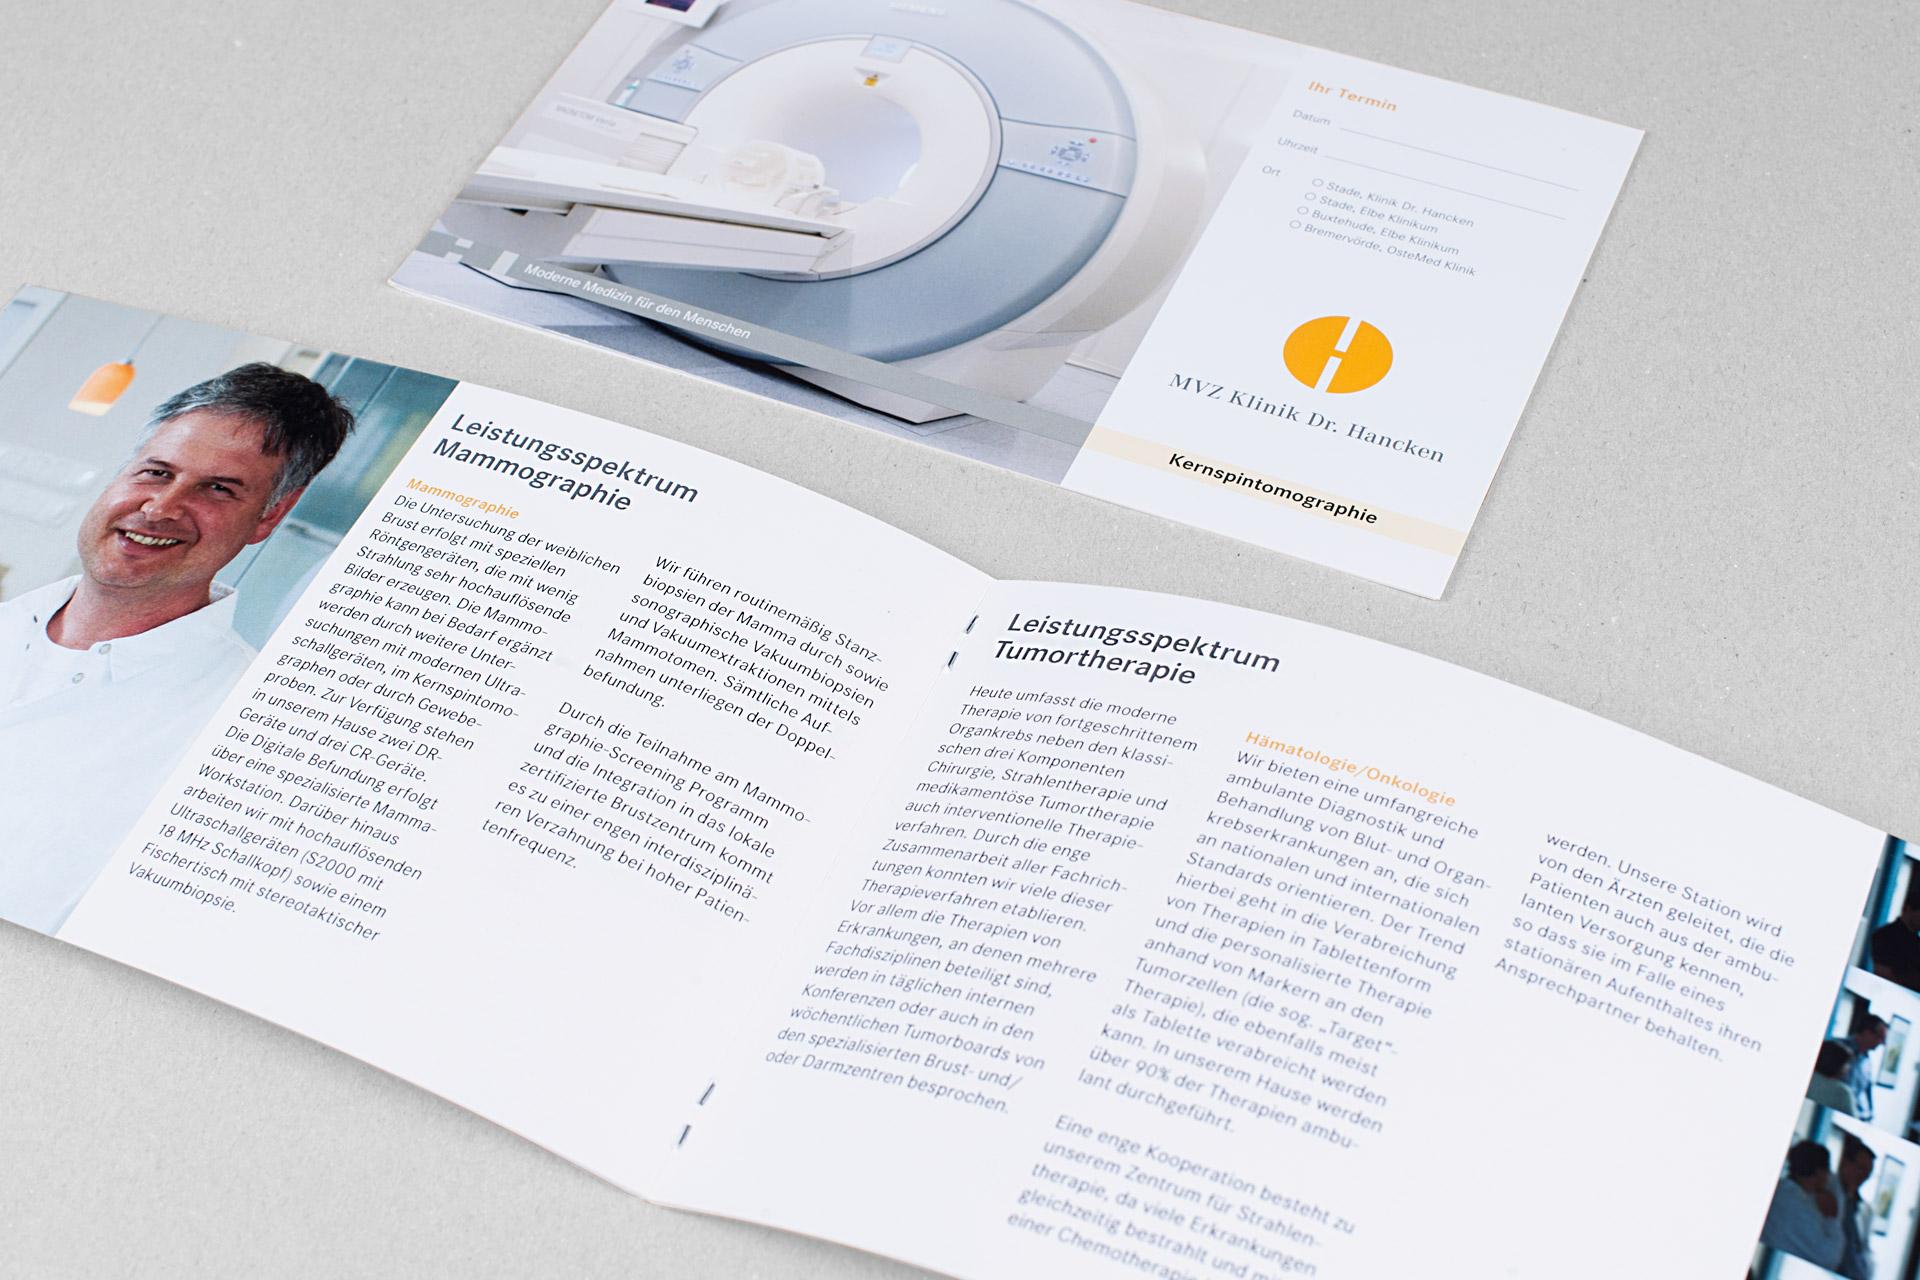 Flyergestaltung im Corporate Design der Klinik Dr. Hancken